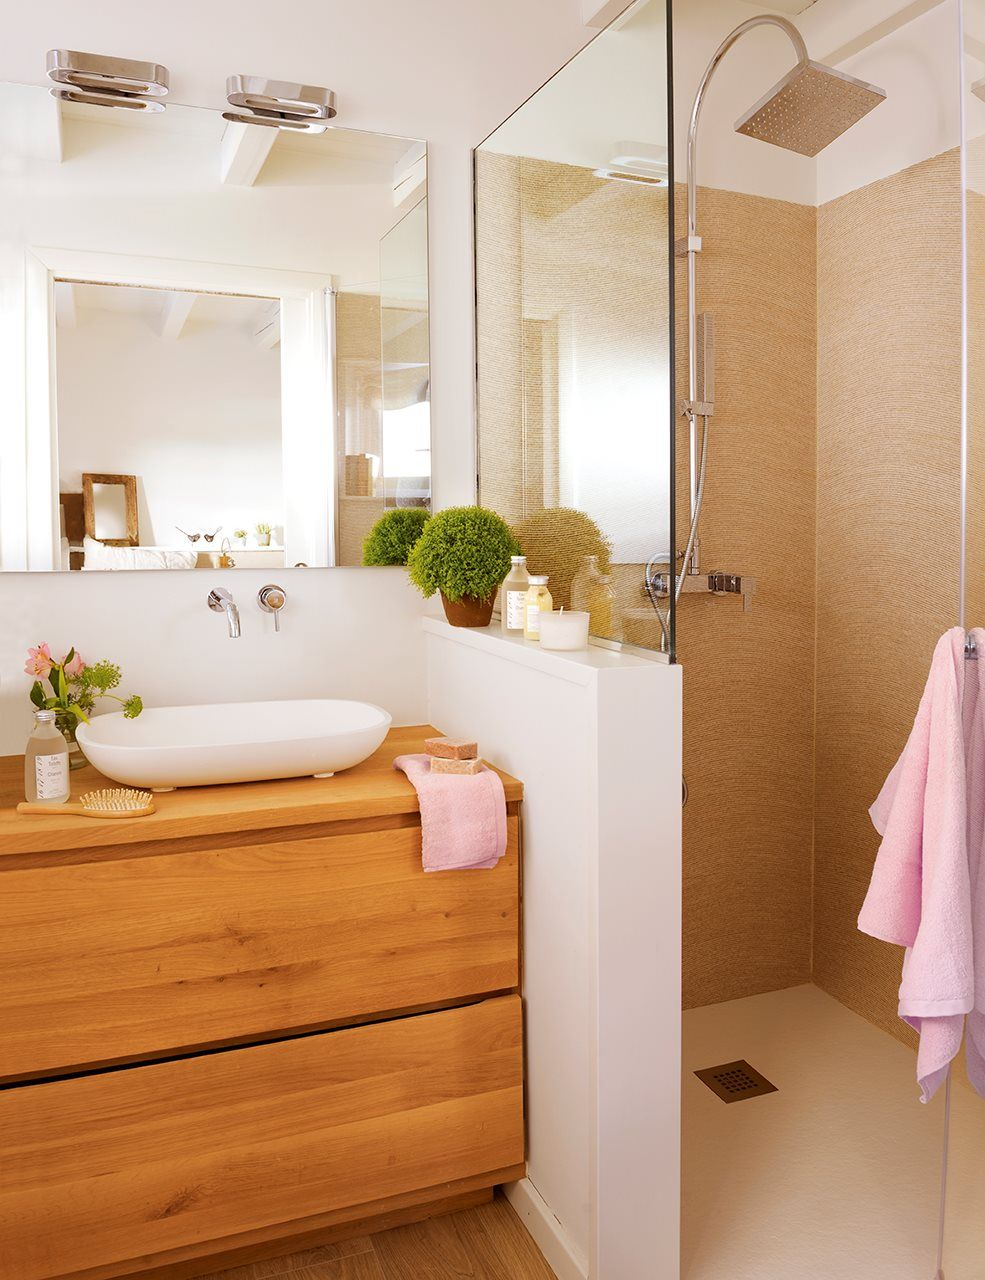 Cambio de imagen para un apartamento de monta a elmueble - Porcelanosa banos pequenos ...